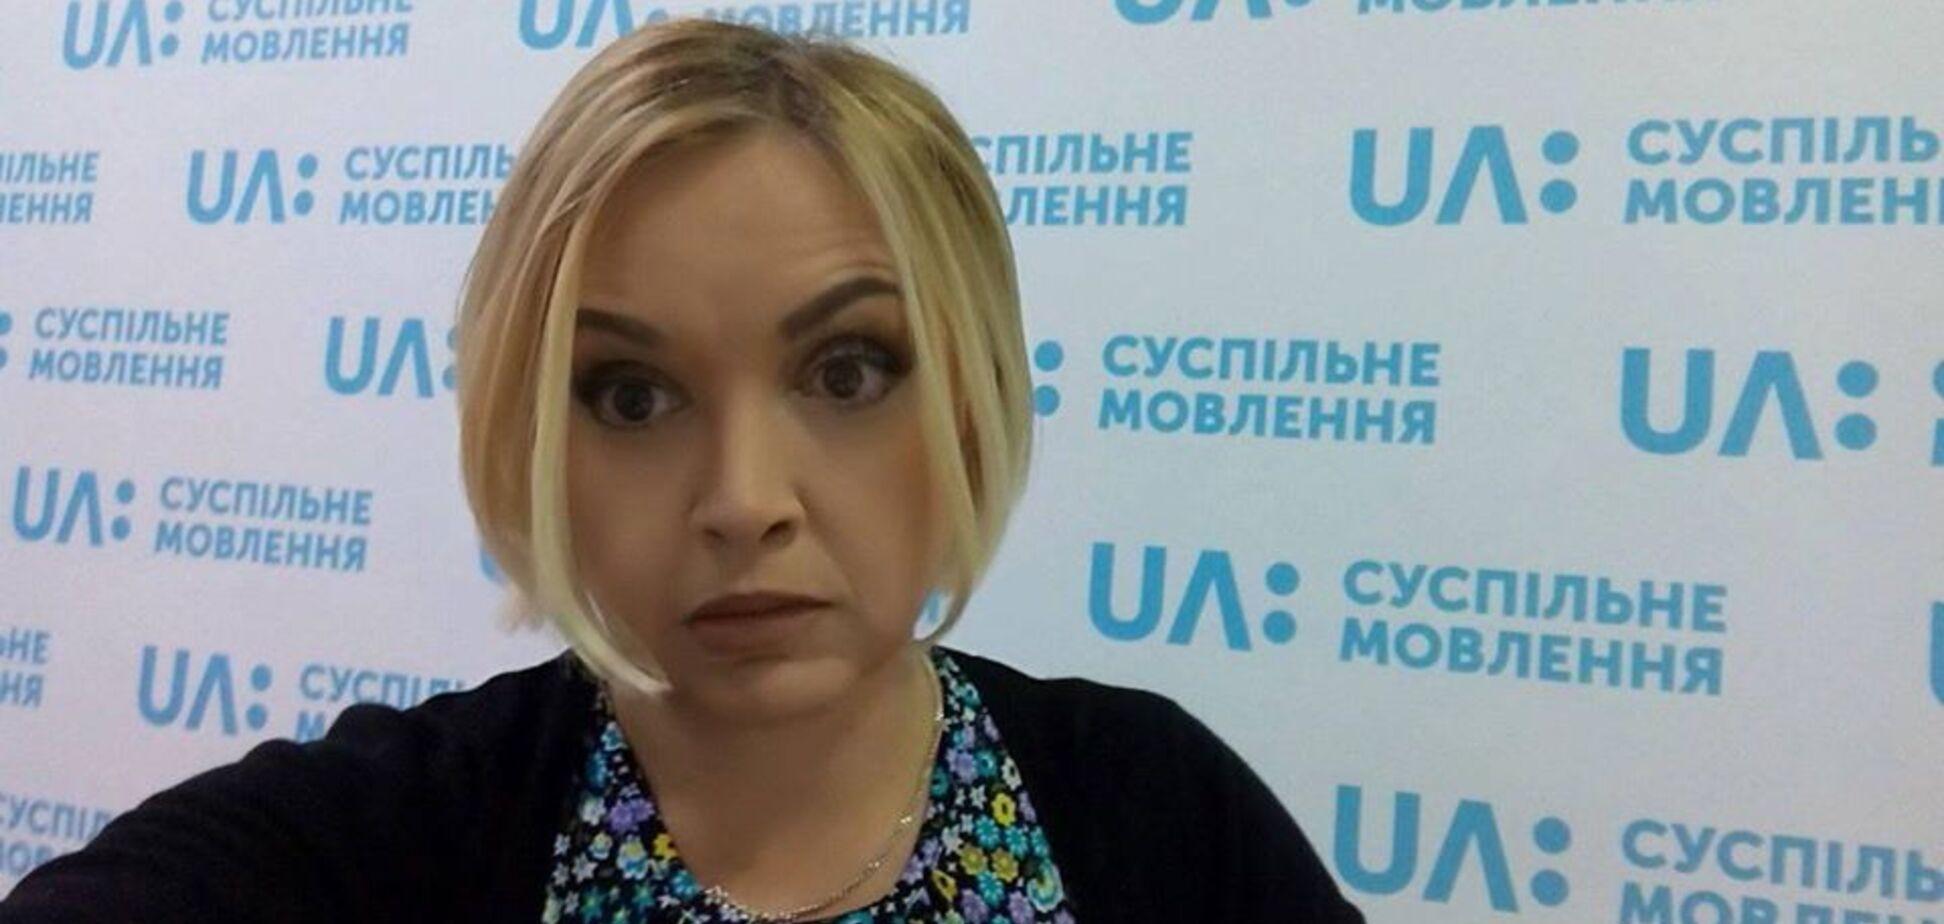 Умерла украинская журналистка Ольга Шеремет